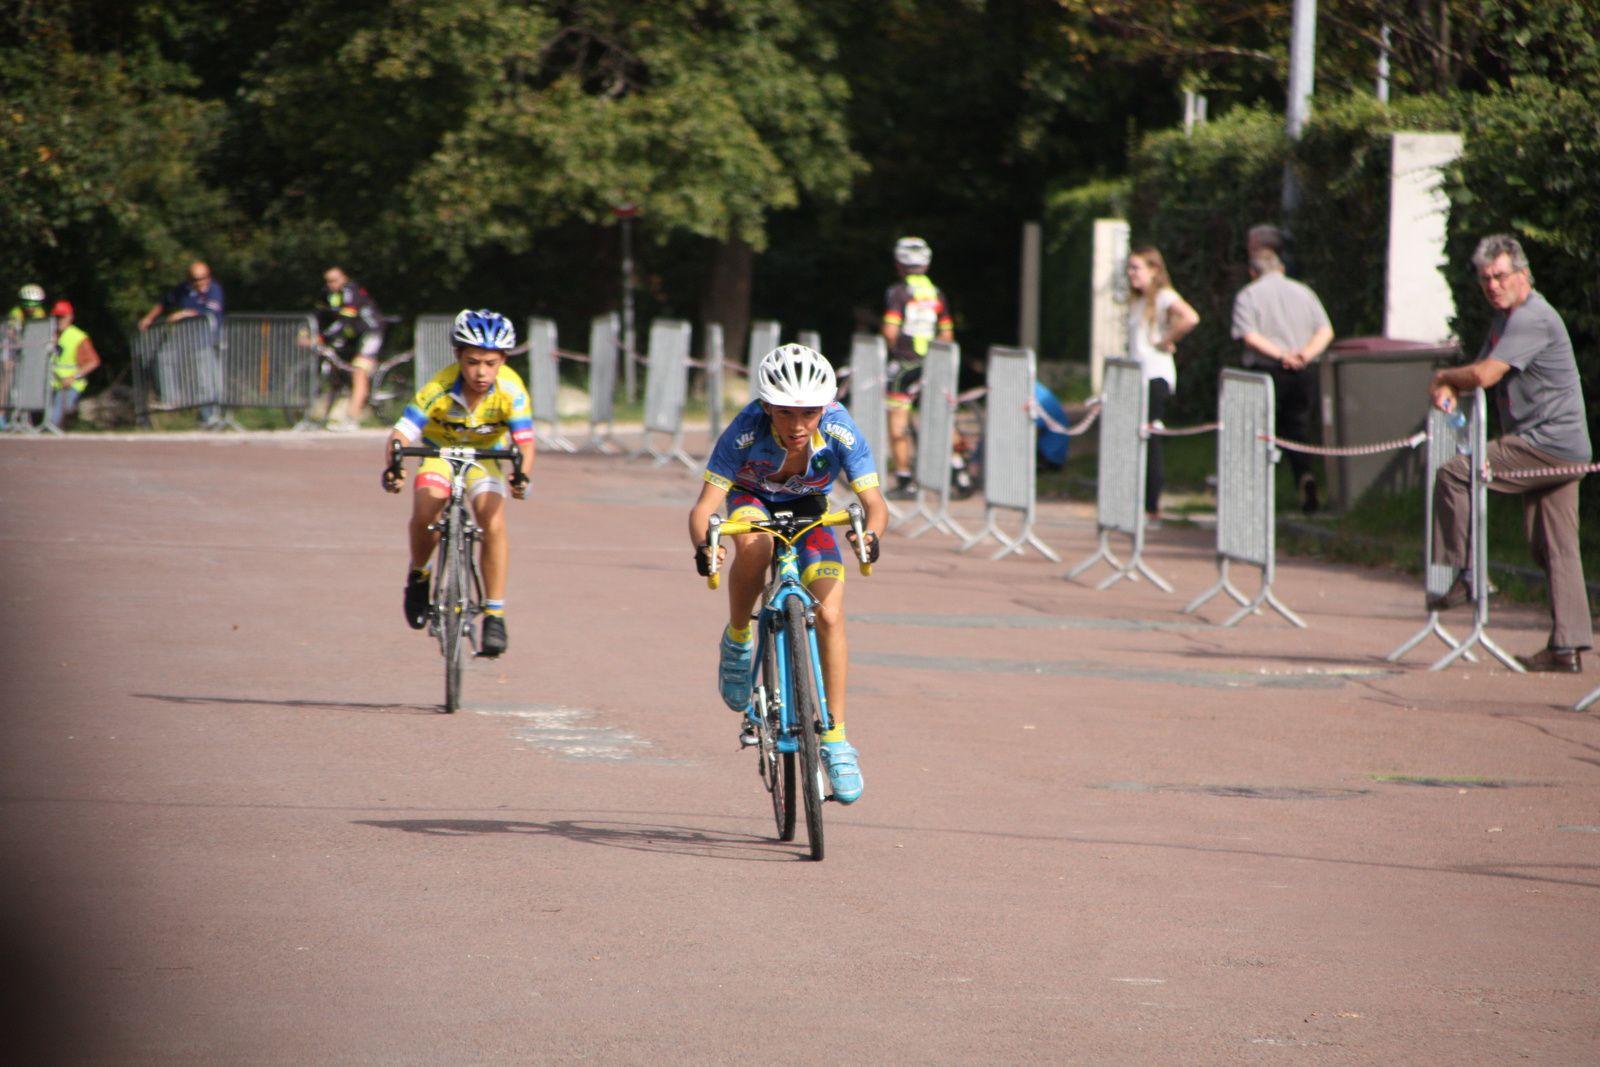 L'arrivée  et  la  victoire  pour  Yanis  JOBIT(TC  Chateaubernard), 2e  Mattei  CACAULT(CC  Vervant), 3e   Gabin  GAUTHIER(UA La Rochefoucault), 4e  Marin  BERNARD(UA La Rochefoucault), 5e  Quentin  TRANQUARD(VC  Rochefort), 6e  Eli  CRON(UVA), 7e  Louis  CONOR(VC  Rochefort), 8e  Alex  VALLAT(VC  Charente-Océan), 9e  Cyprien  VAN WONTERGHEM(AC Macqueville 17), 10e  Mathis  GUERIN(V  Naintré), 12e  Clément  FAIVRE(AC  Macqueville 17), 14e  Tessa  GERDIL(TC  Chateaubernard), 15e  Clara  BECKERS(UVA).